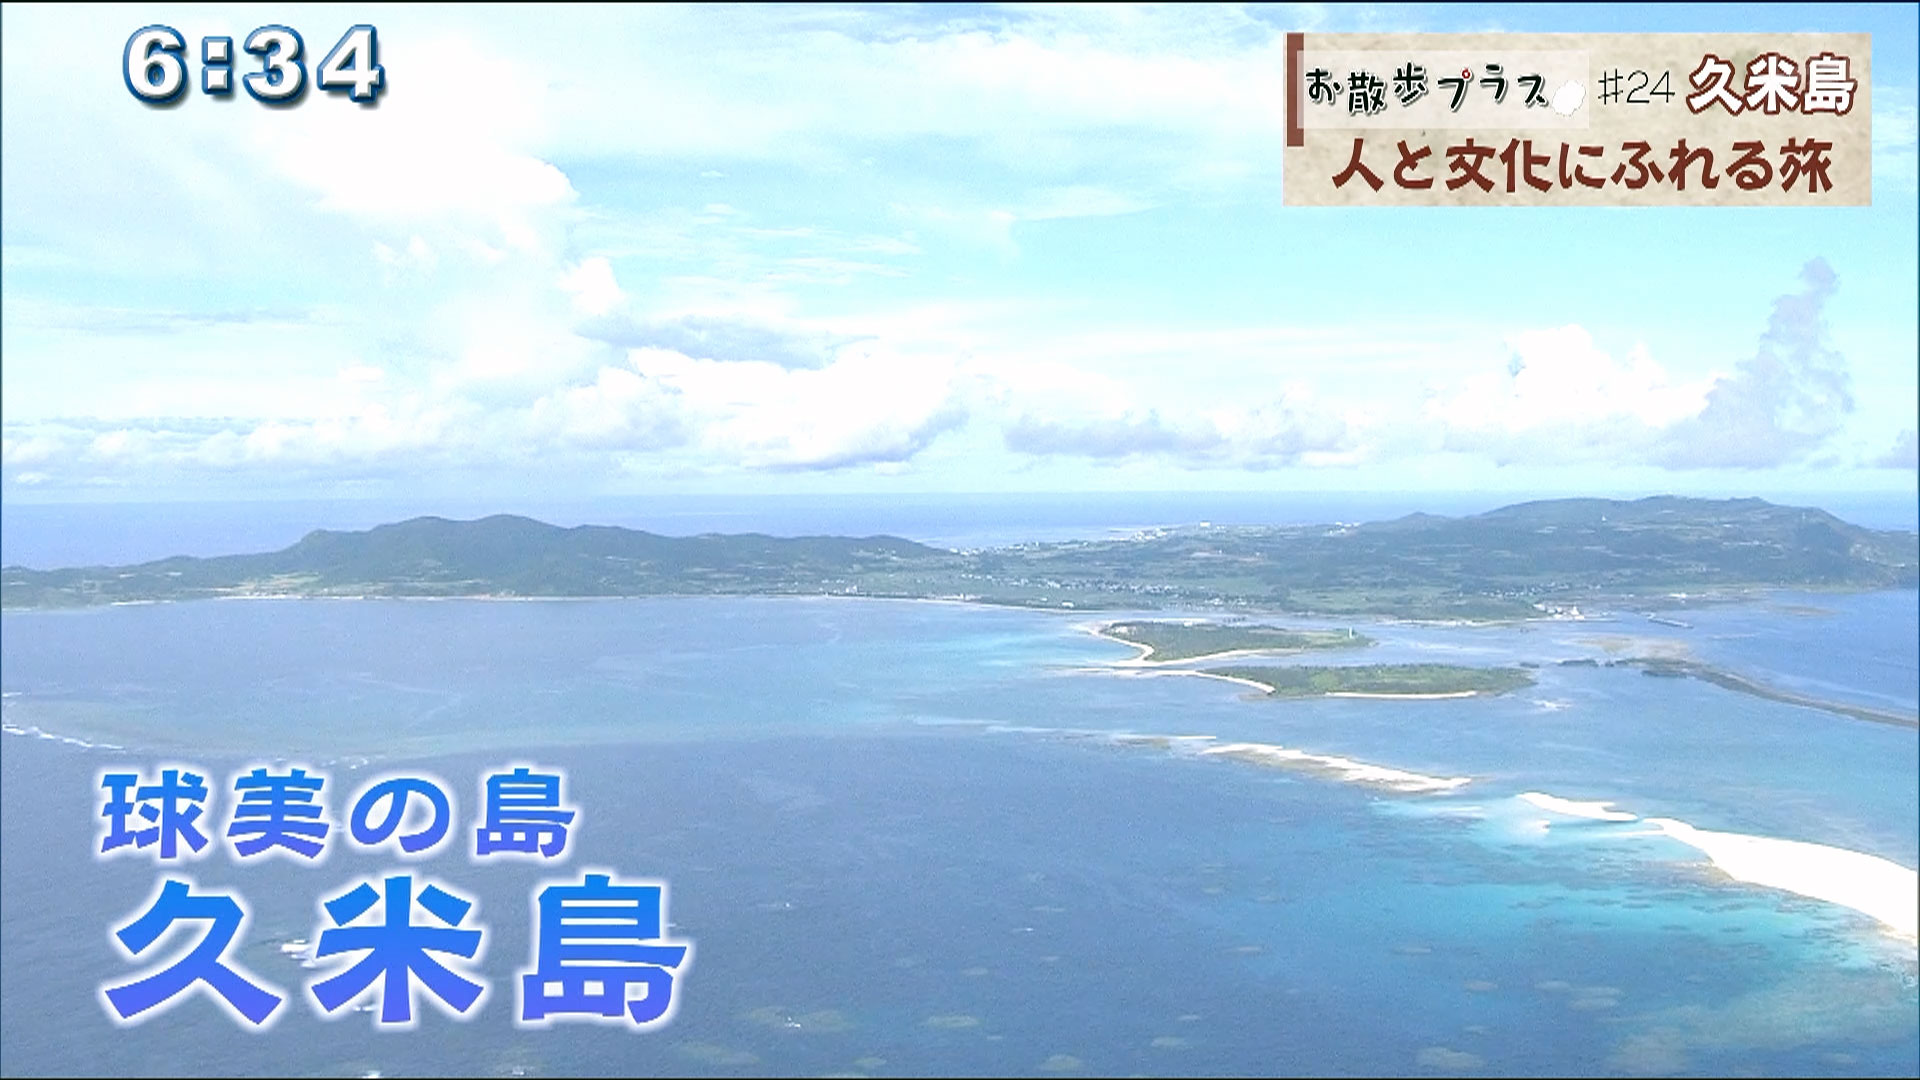 お散歩プラス♯24 久米島編 久米島の人と文化に触れる旅